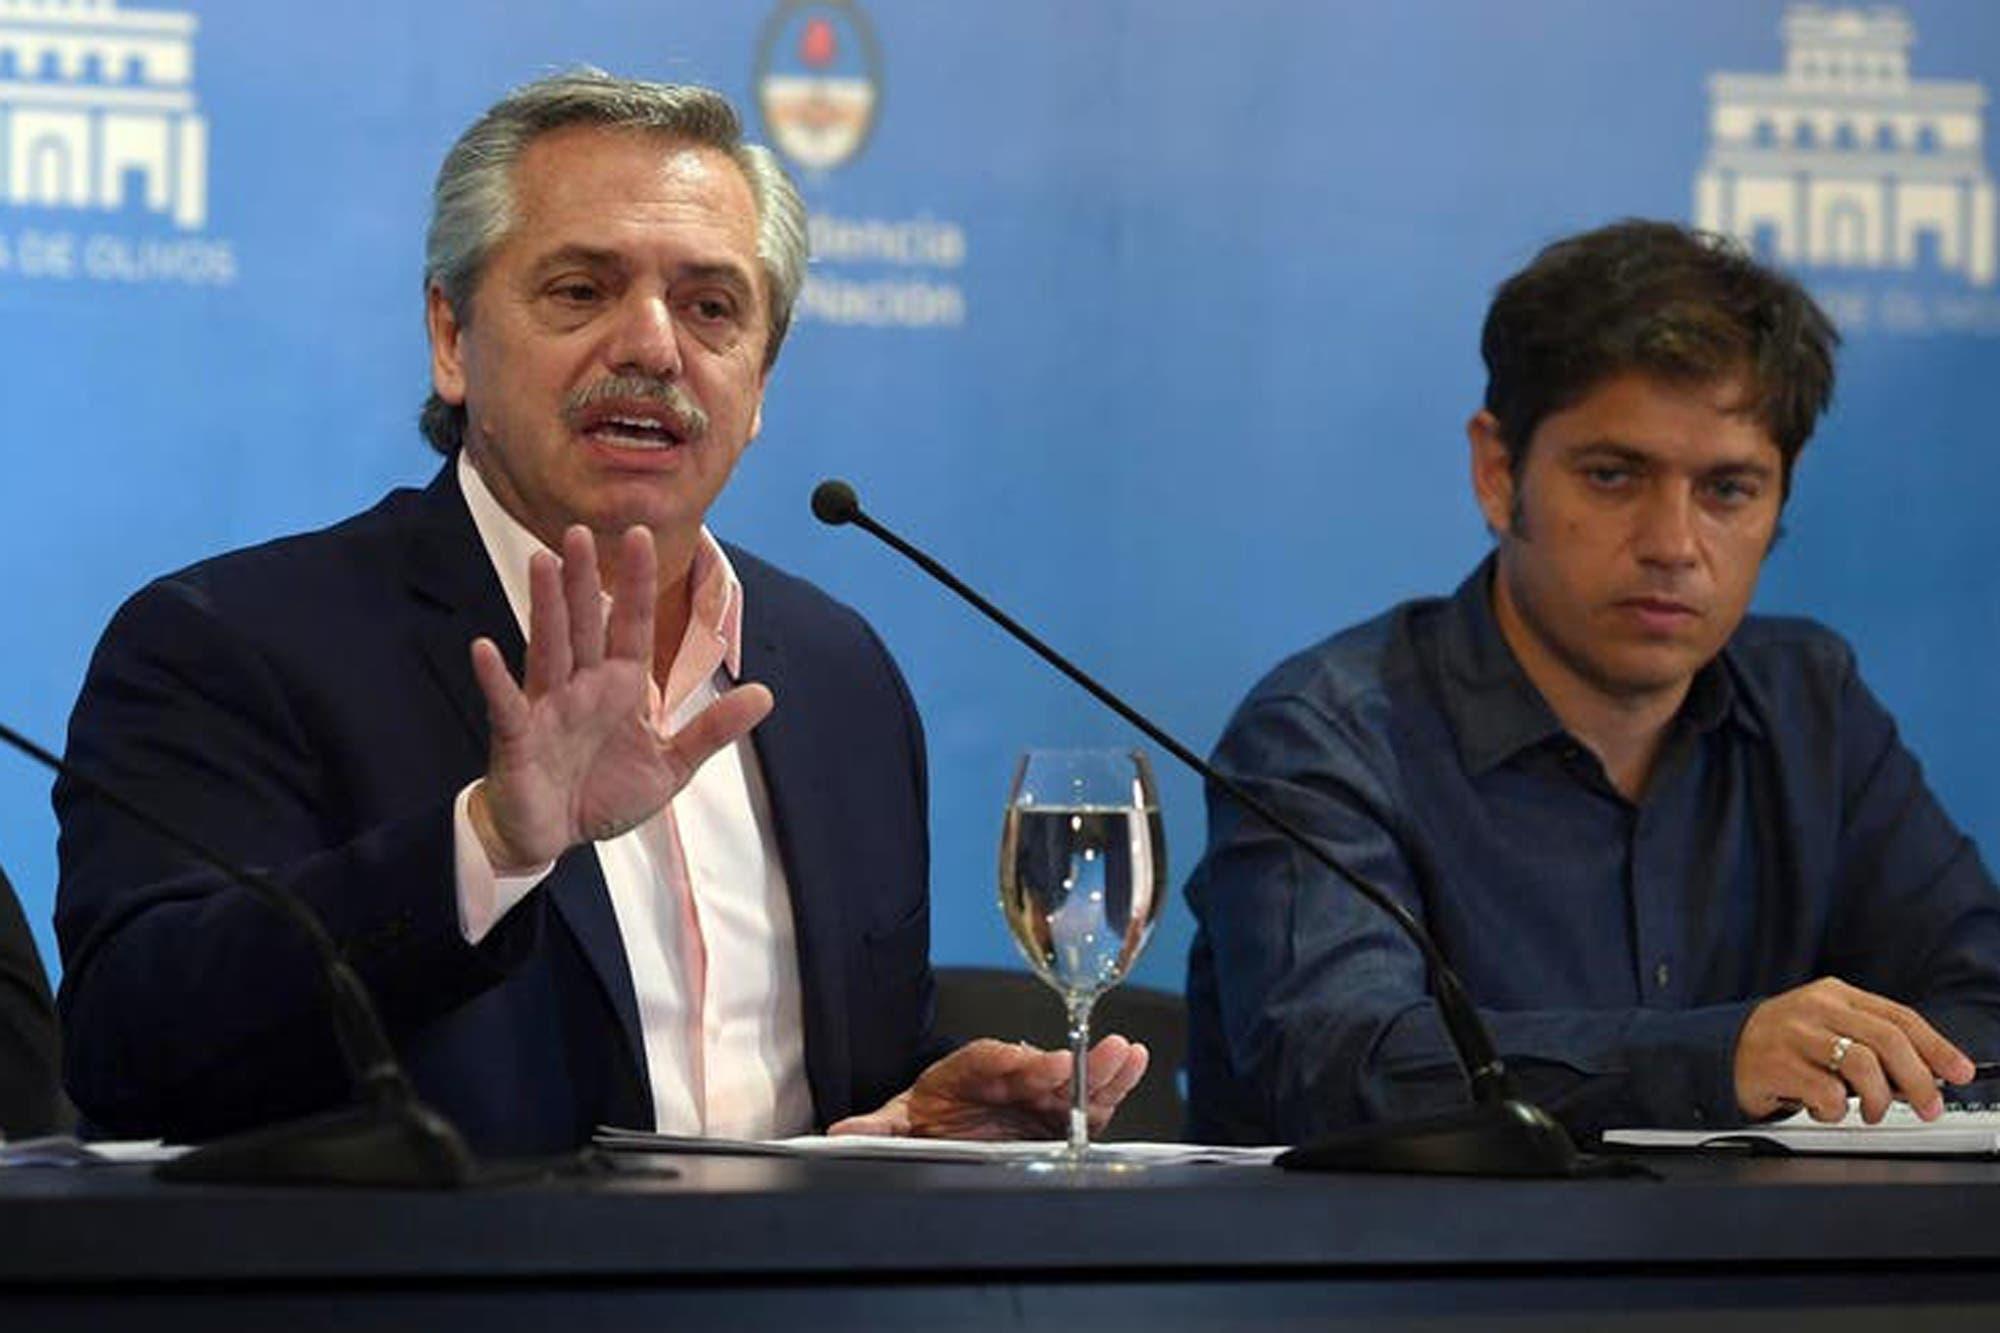 La dura respuesta de Alberto Fernández a Alfonso Prat-Gay